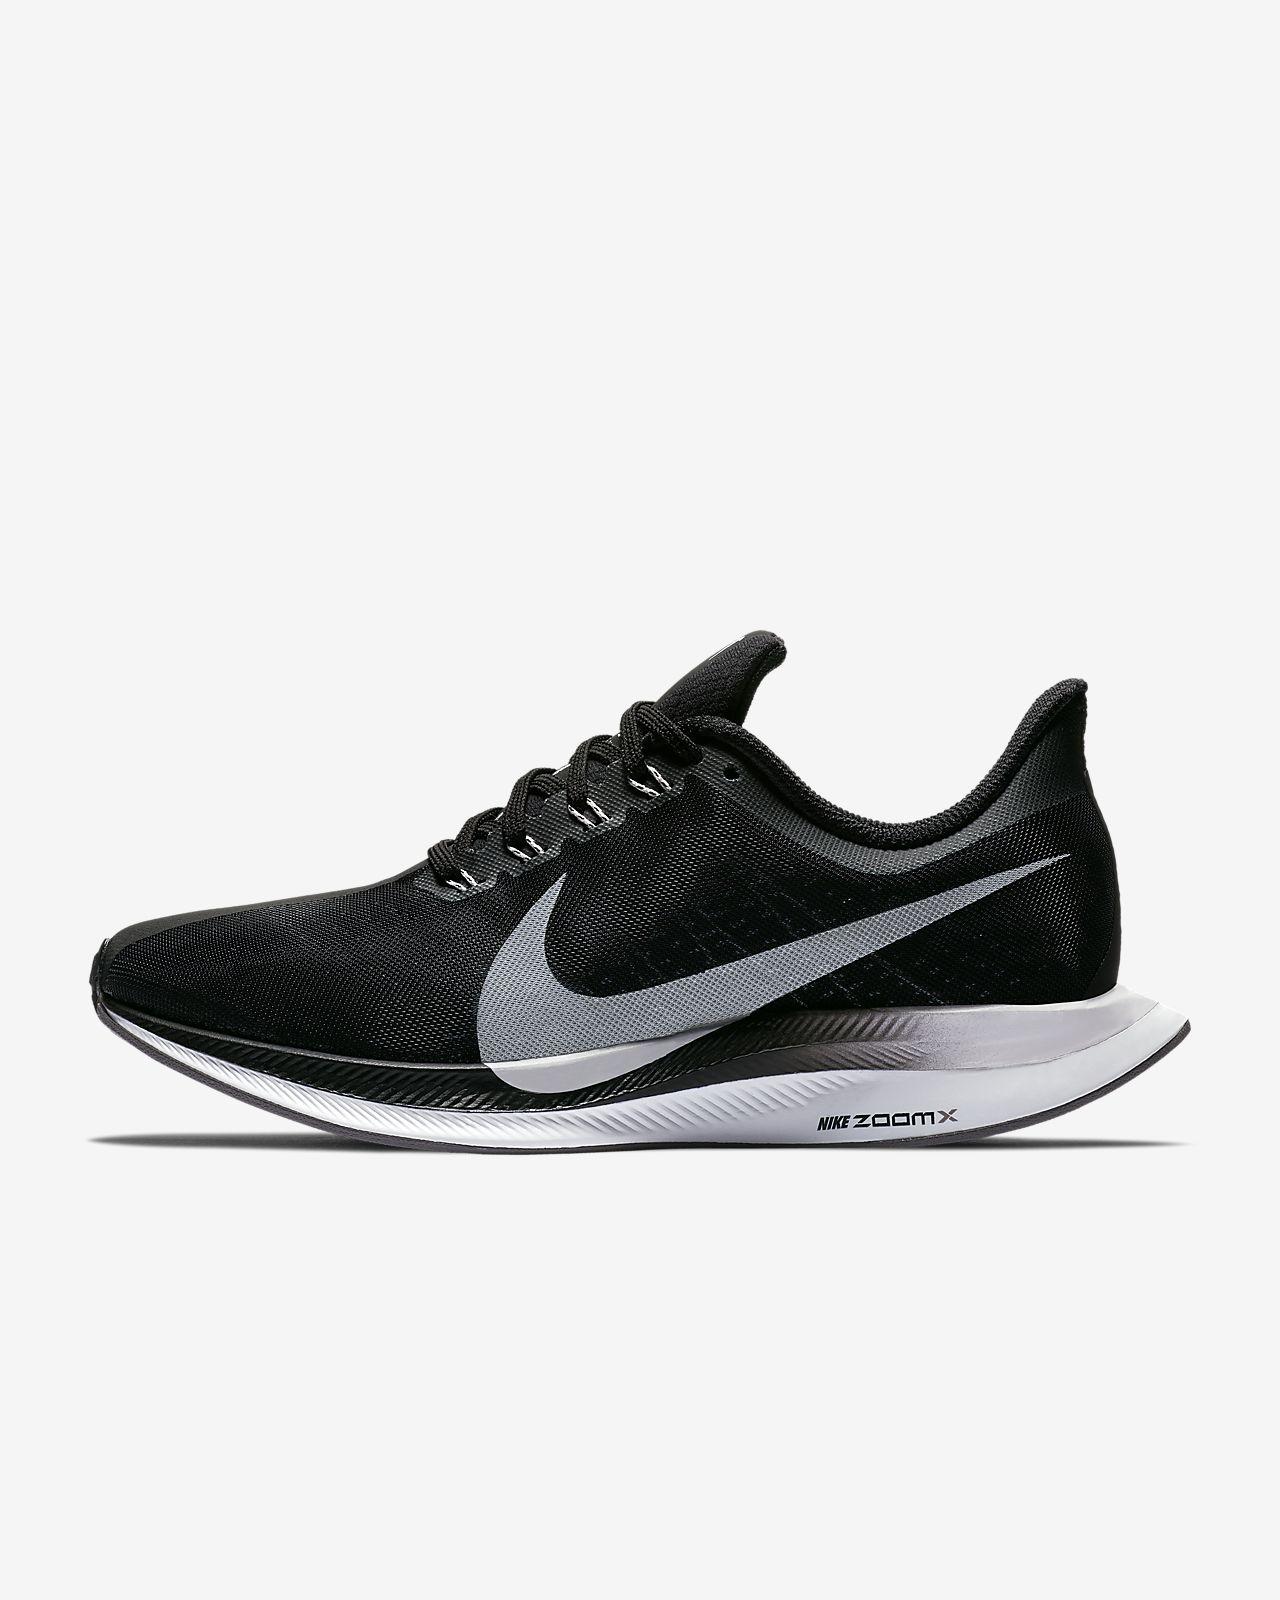 huge selection of f42a1 2d55b Nike Zoom Pegasus Turbo-løbesko til kvinder. Nike.com DK